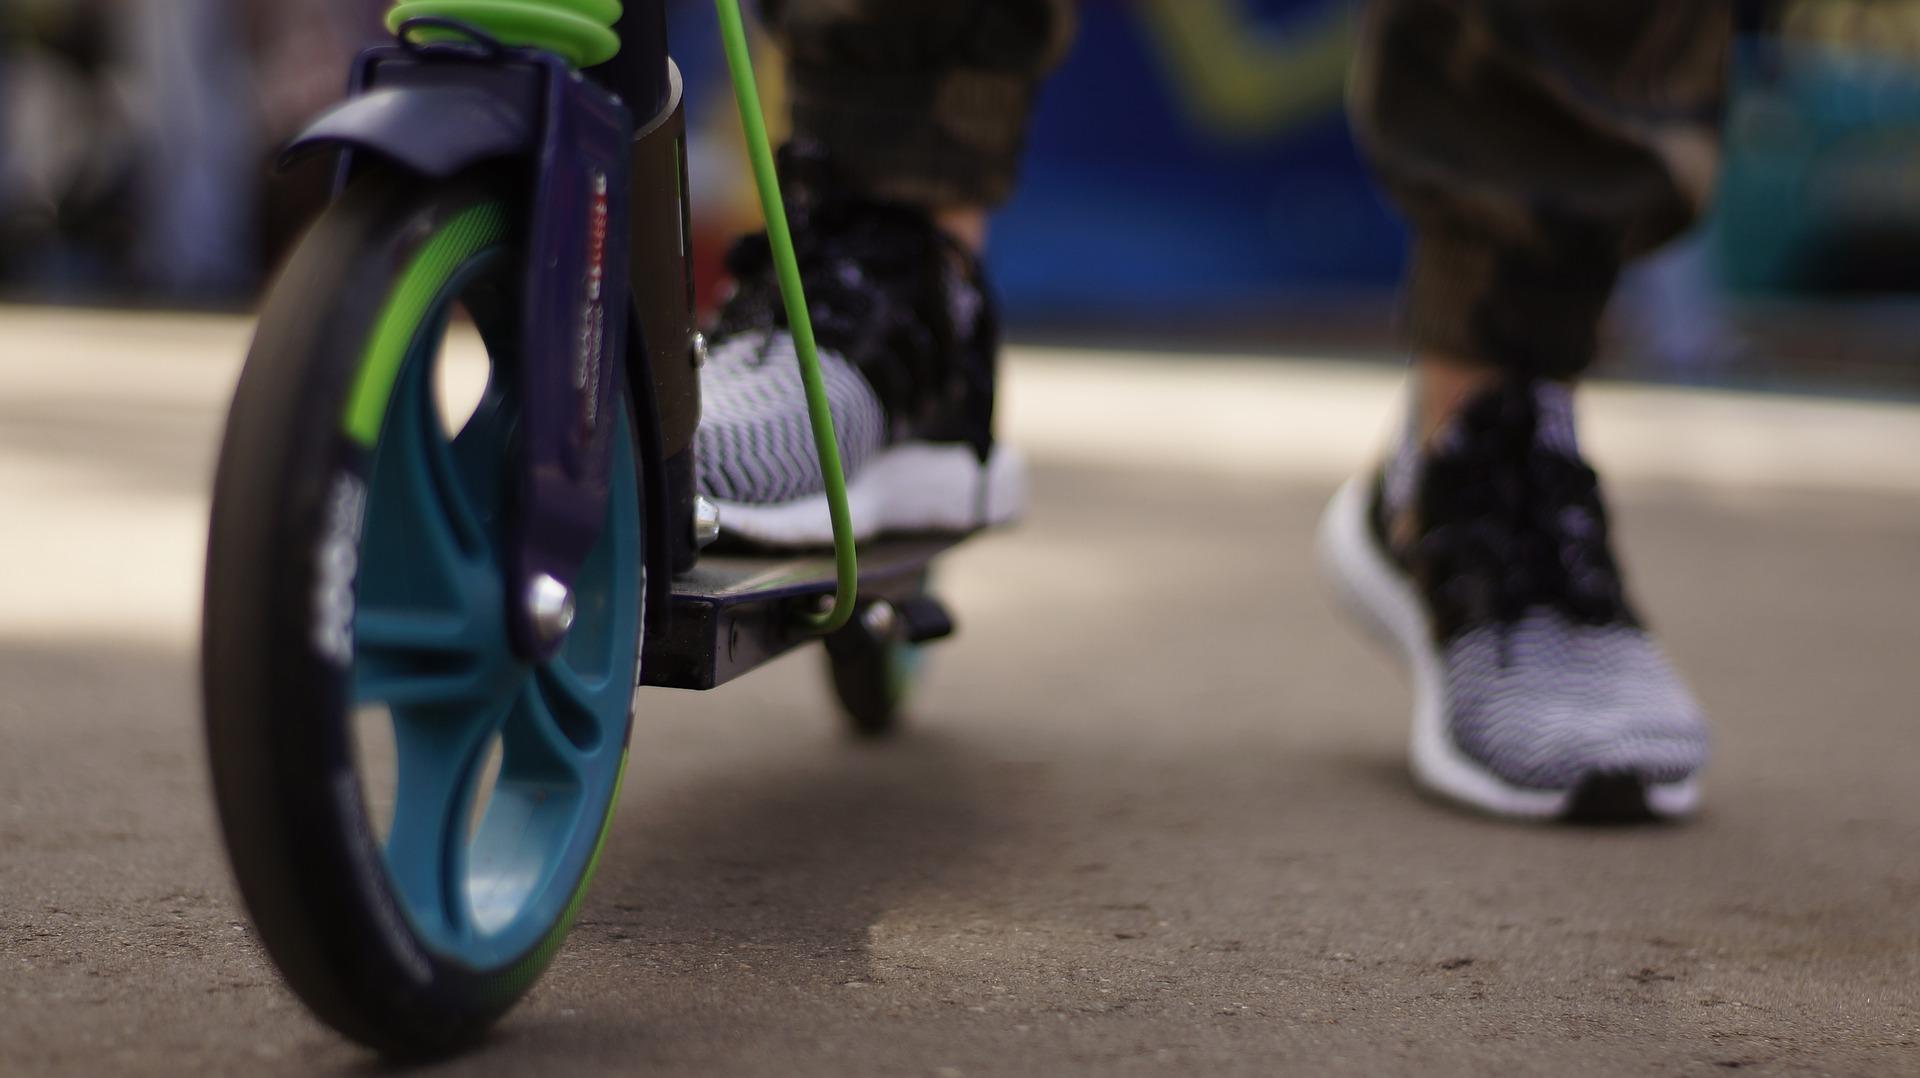 На Московском проспекте в Ярославле сбили мальчика на самокате